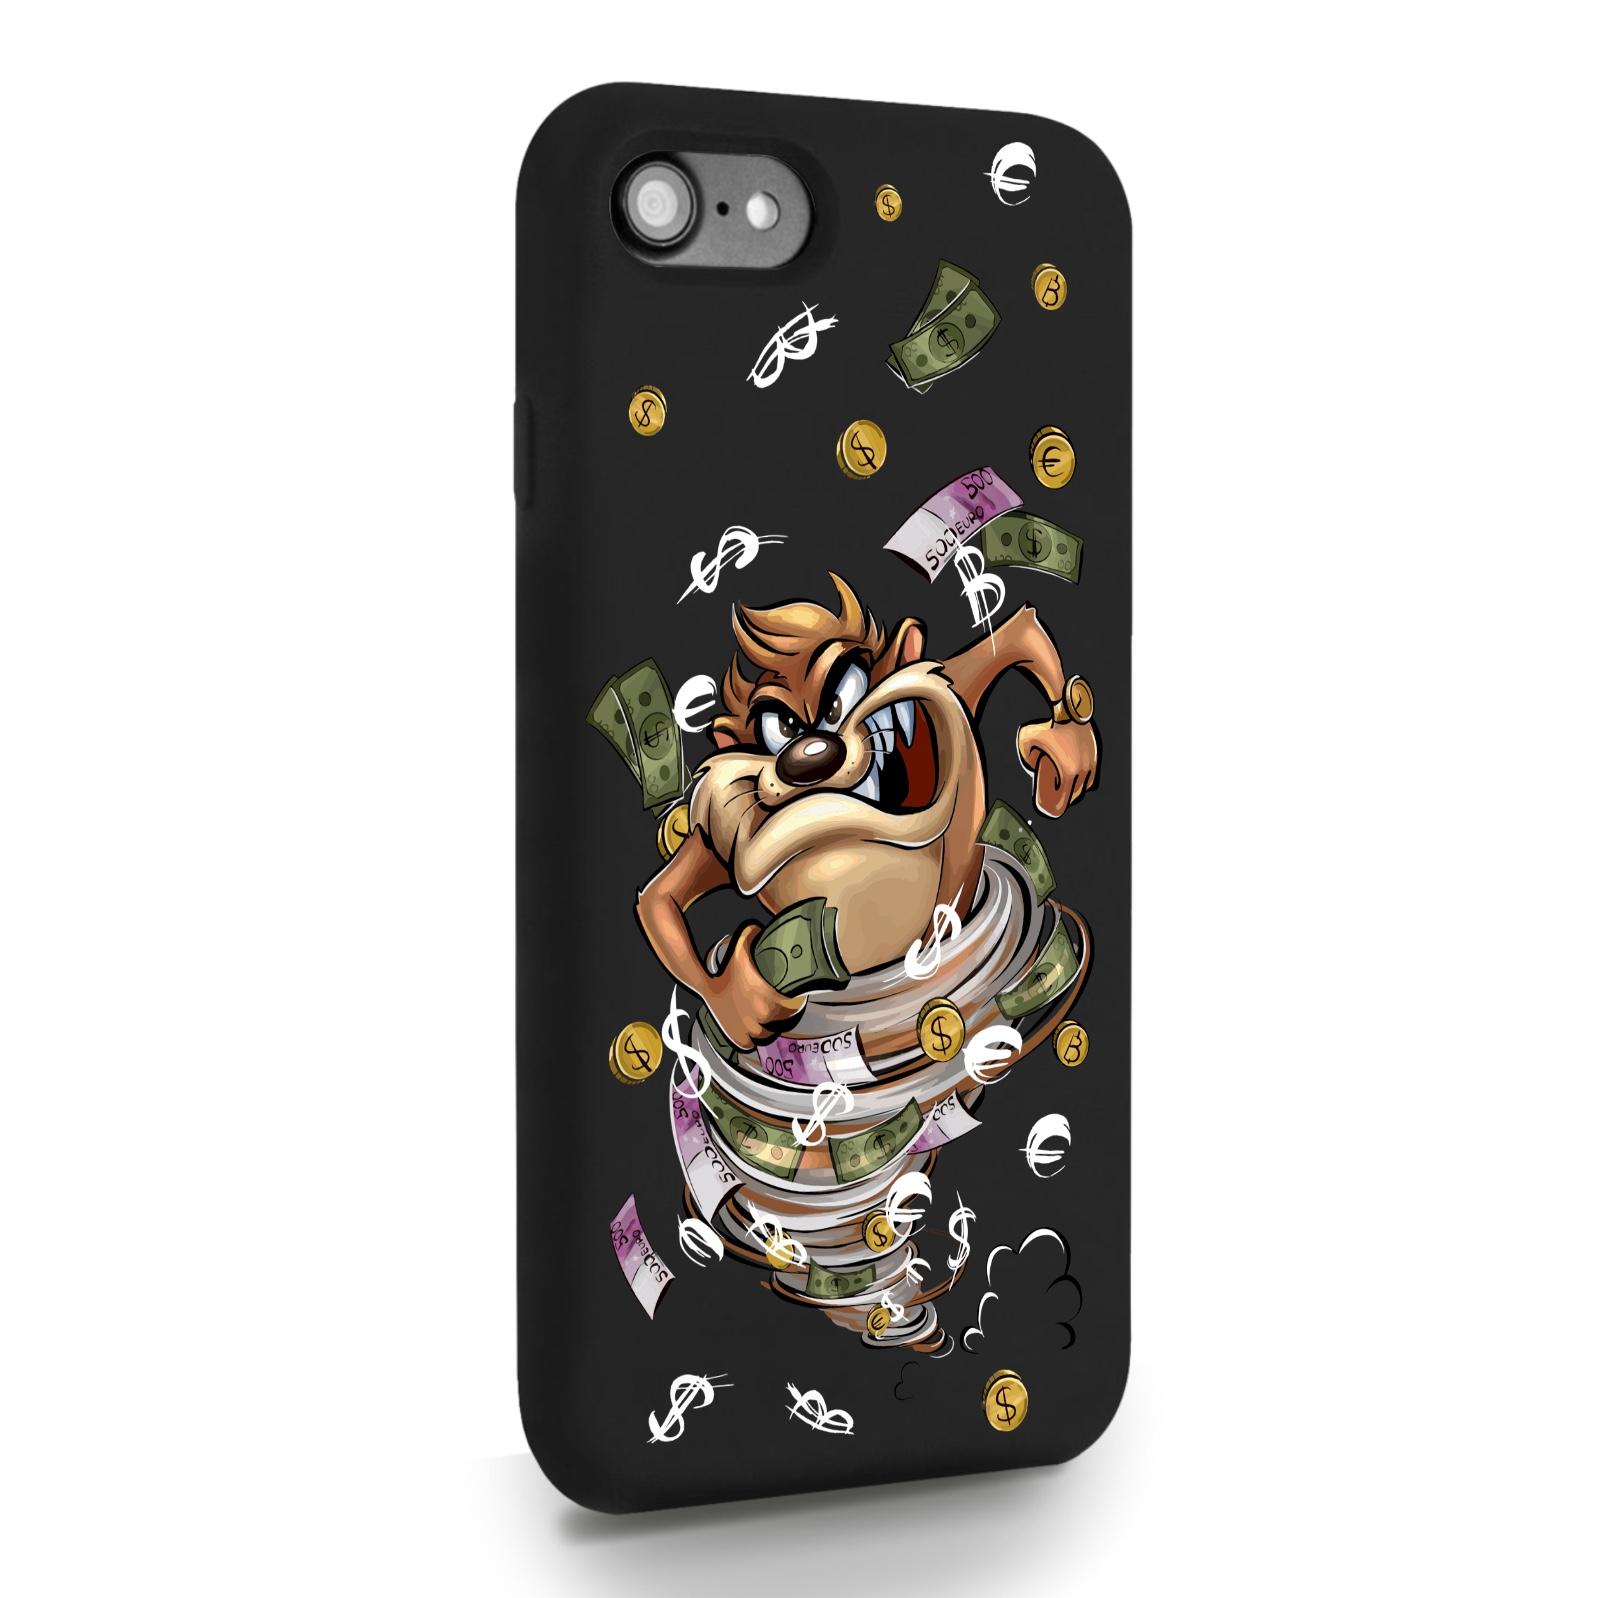 Черный силиконовый чехол для iPhone 7/8/SE2020 Торнадо для Айфон 7/8/СЕ2020